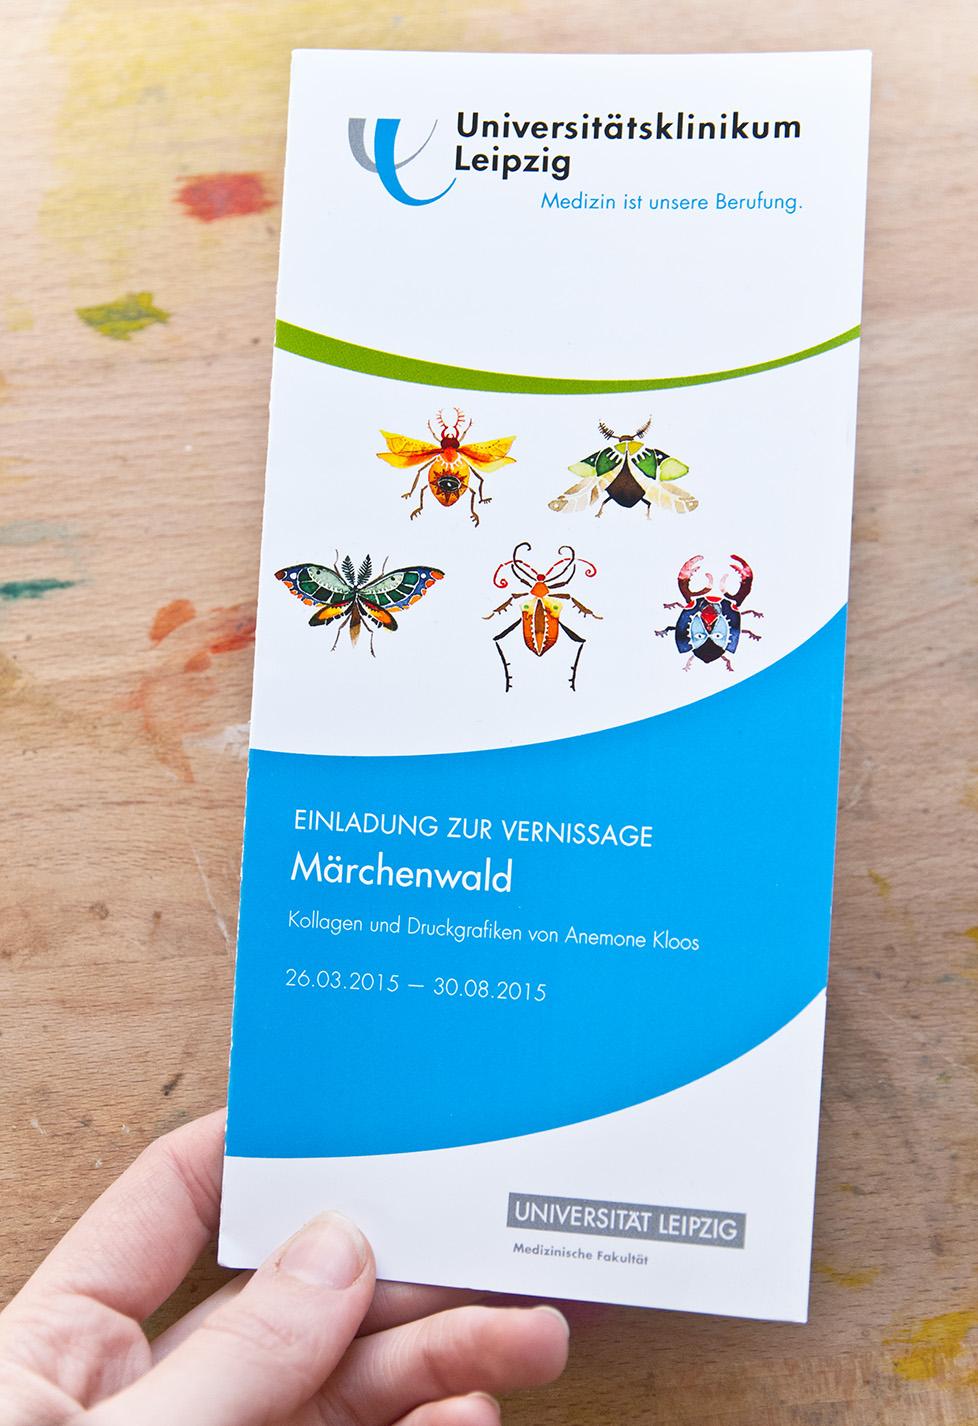 anemonekloos_ausstellung_maerchenwald_flyer1_978